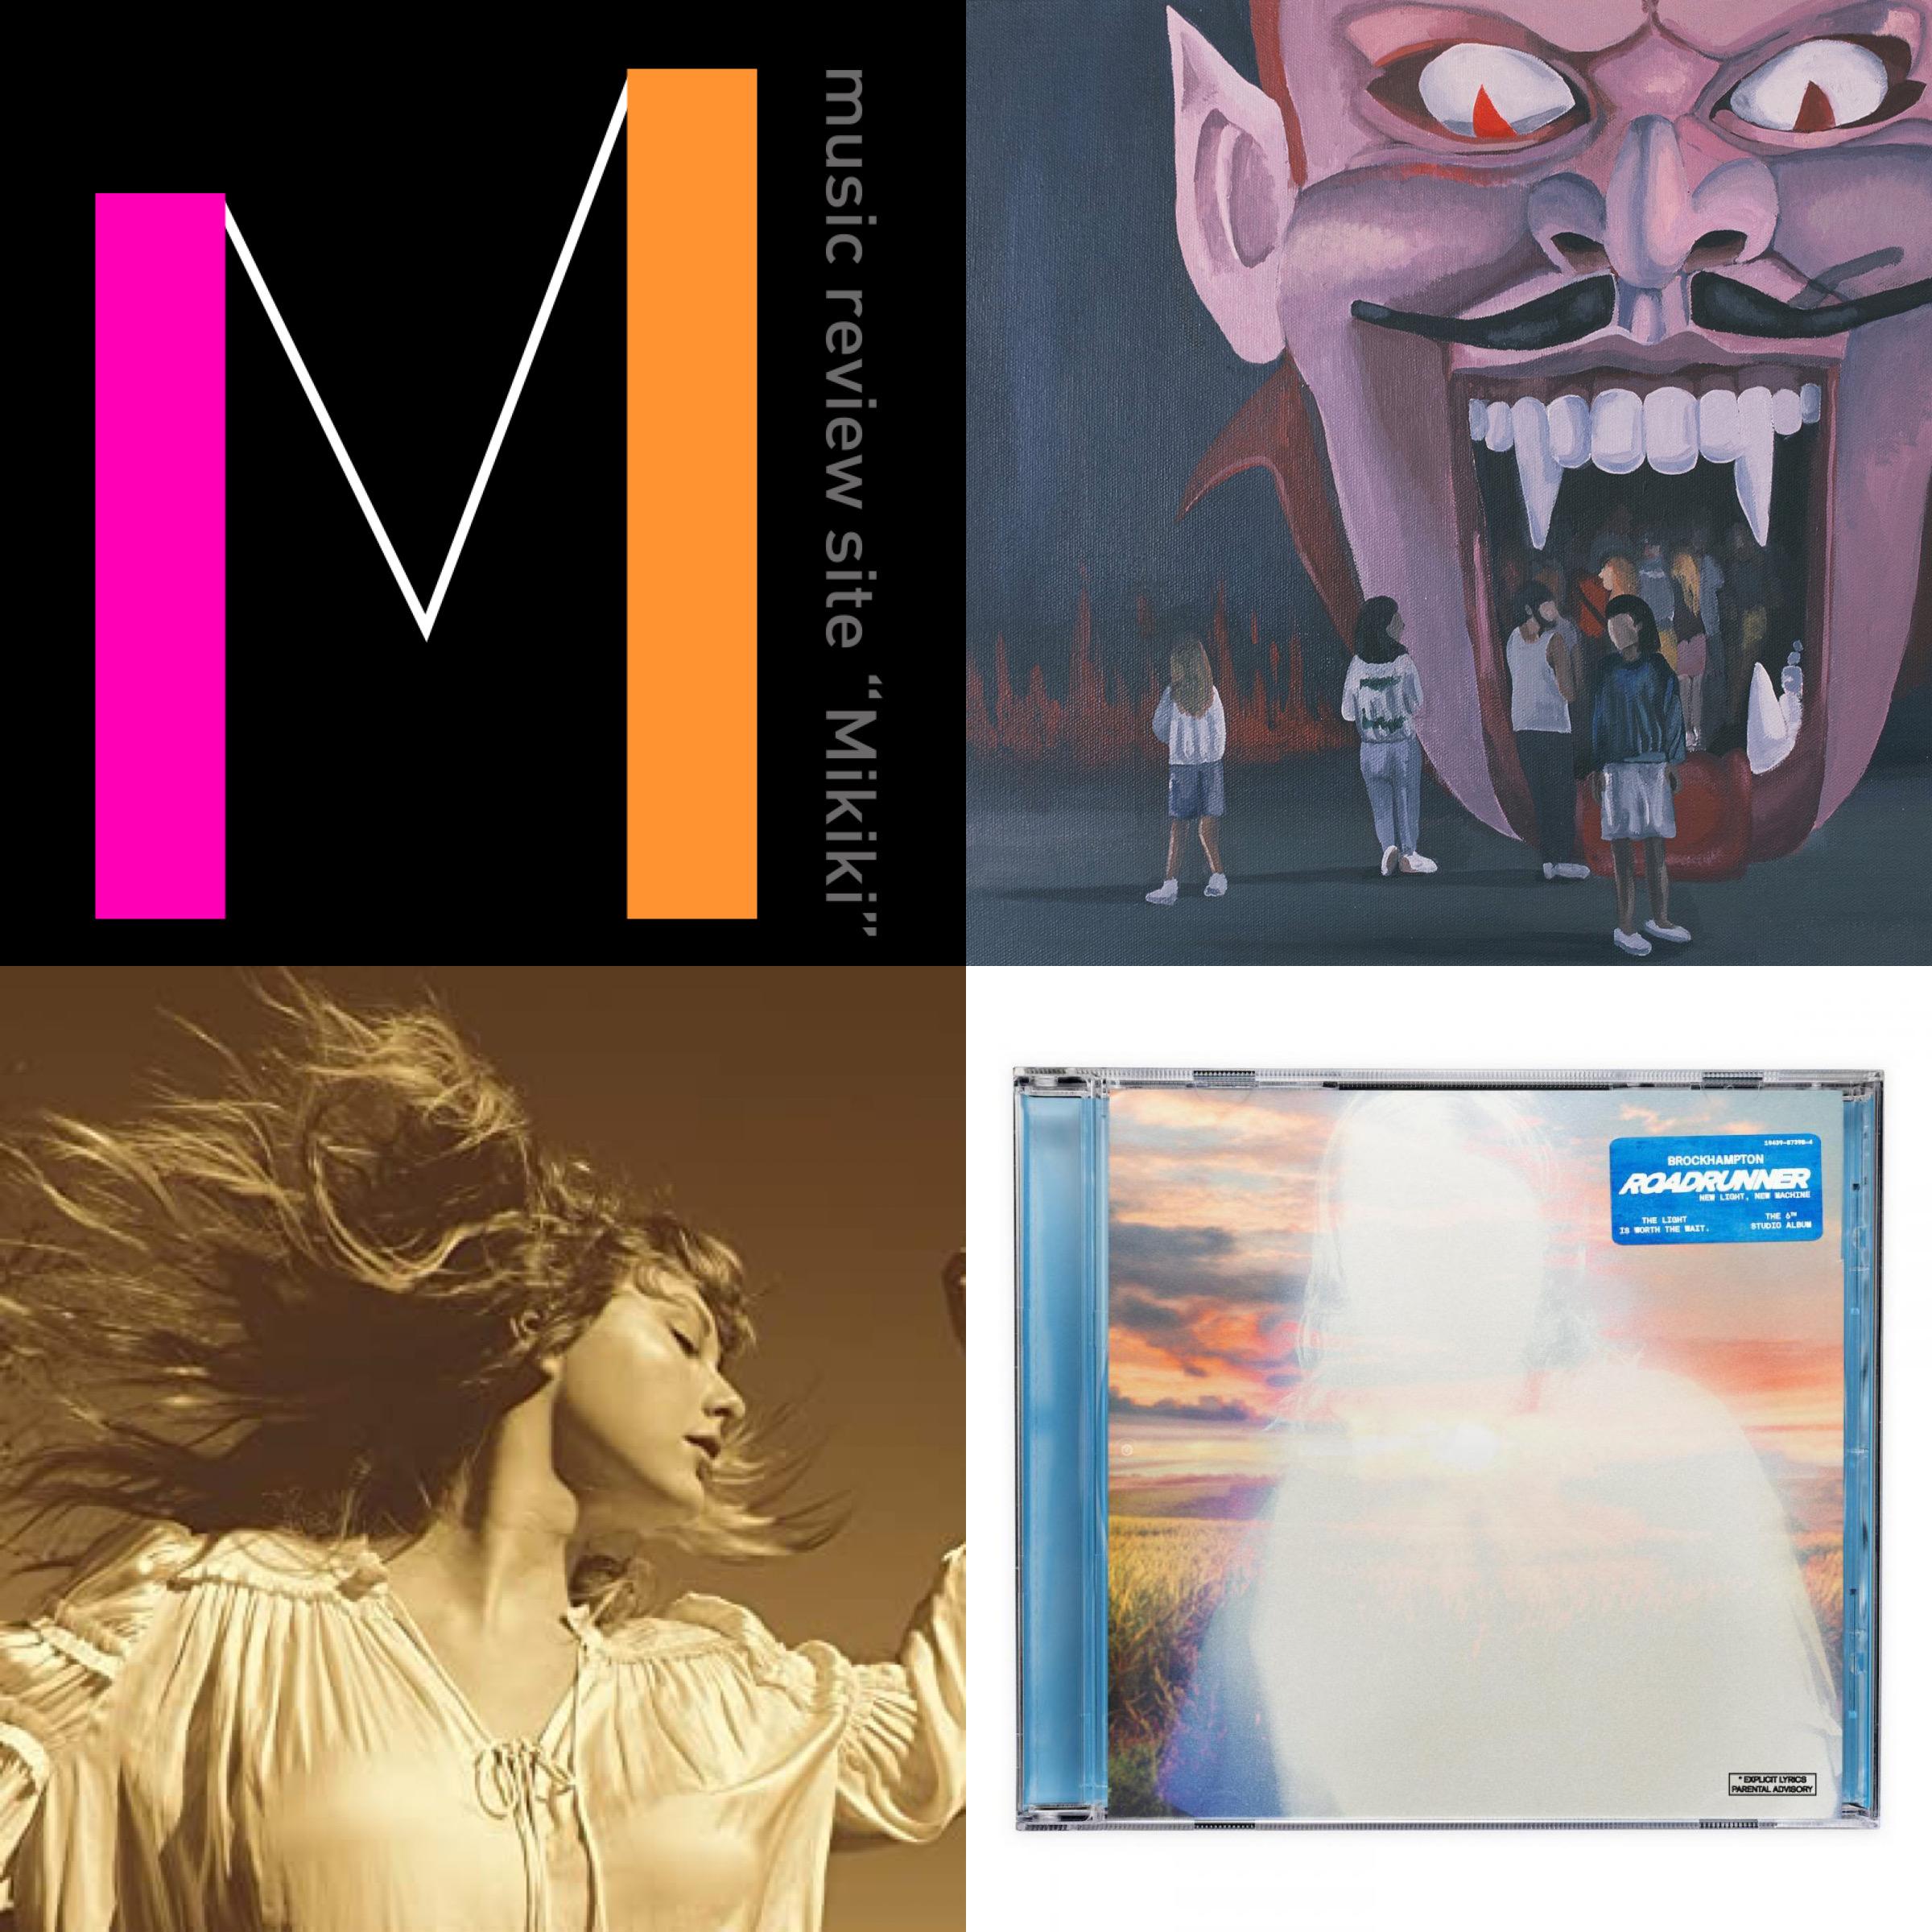 スピリット・オブ・ザ・ビーハイヴ(SPIRIT OF THE BEEHIVE)、テイラー・スウィフト(Taylor Swift)など今週リリースのMikiki推し洋楽アルバム/EP7選!